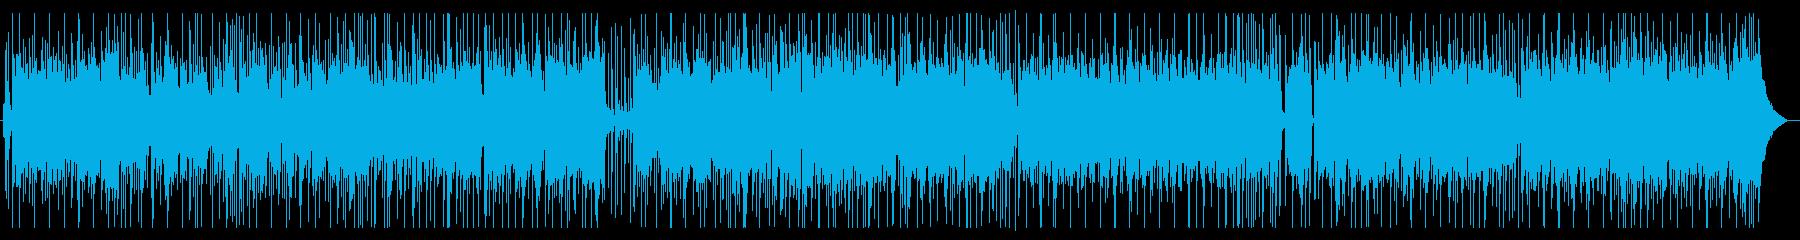 ギターインスト クリーントーン 生演奏の再生済みの波形